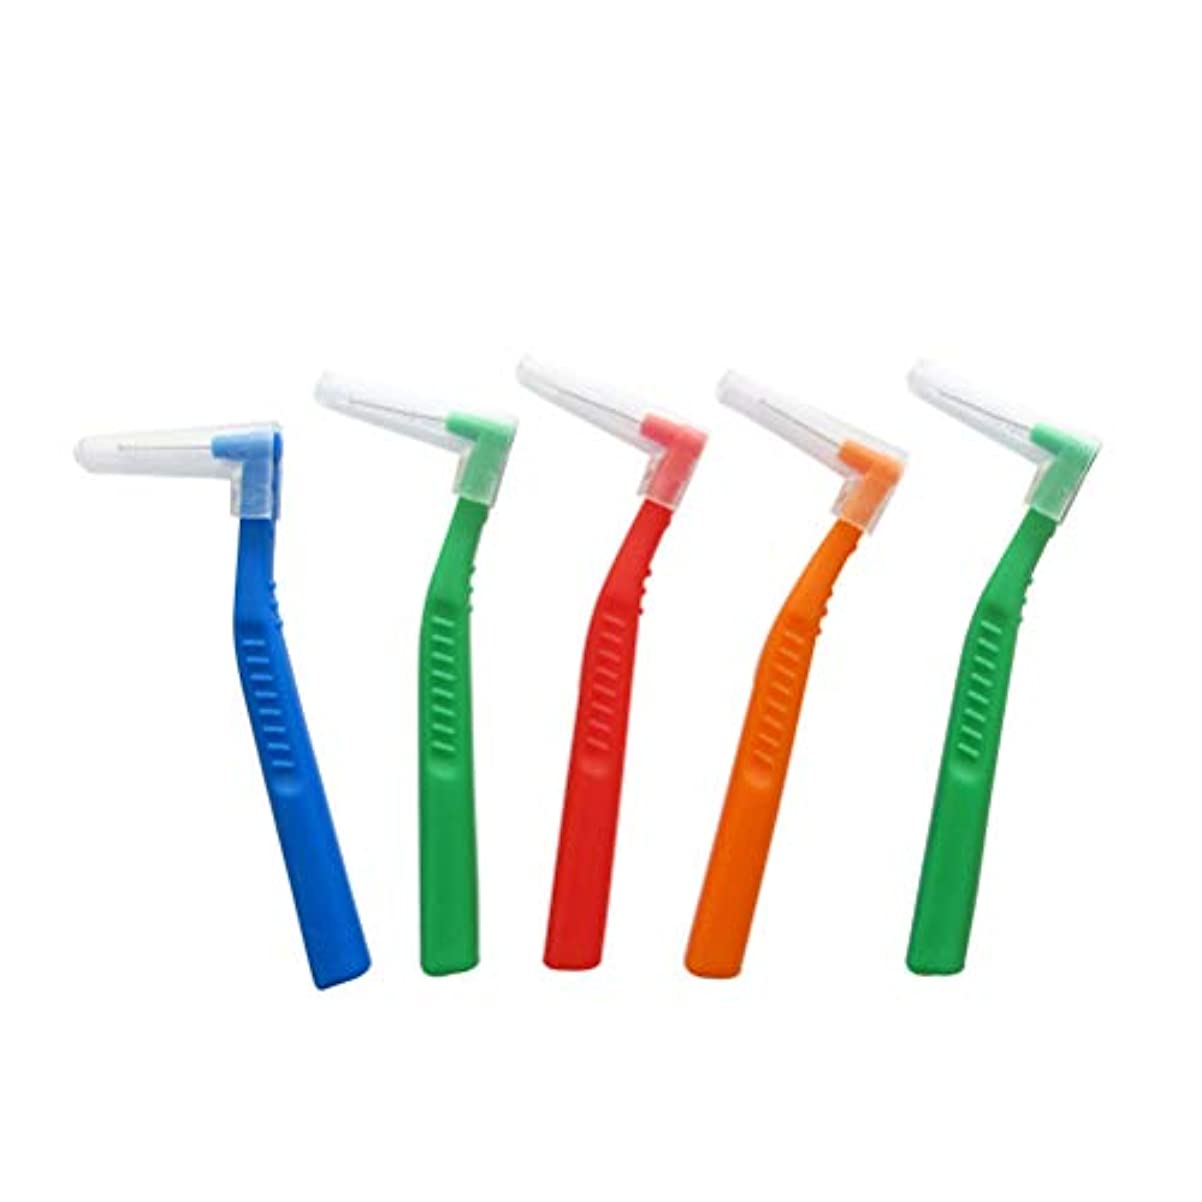 銛お別れ妖精SUPVOX 歯間ブラシ クリーナー l字型 歯間清掃 歯科 口腔ケアツール 5本入(ランダムカラー)